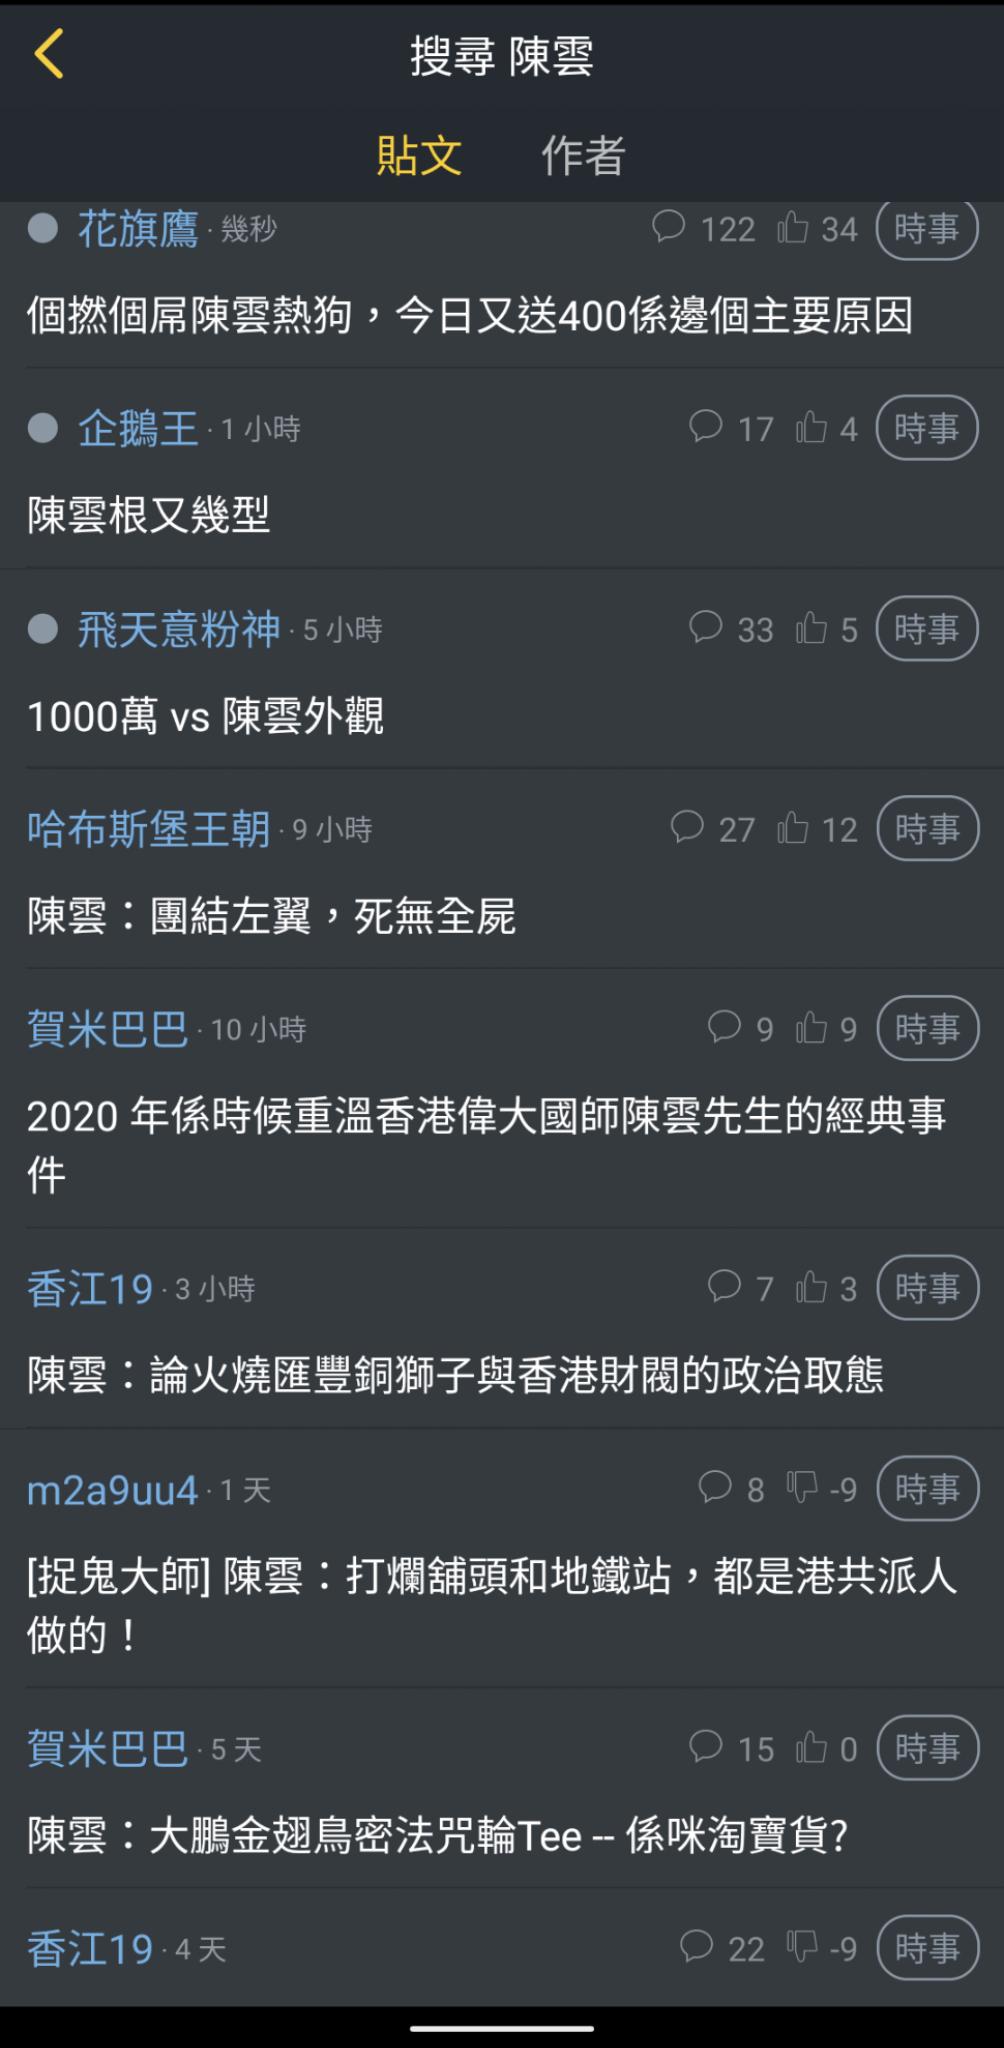 https://upload.cc/i1/2020/01/02/v6dPIu.png